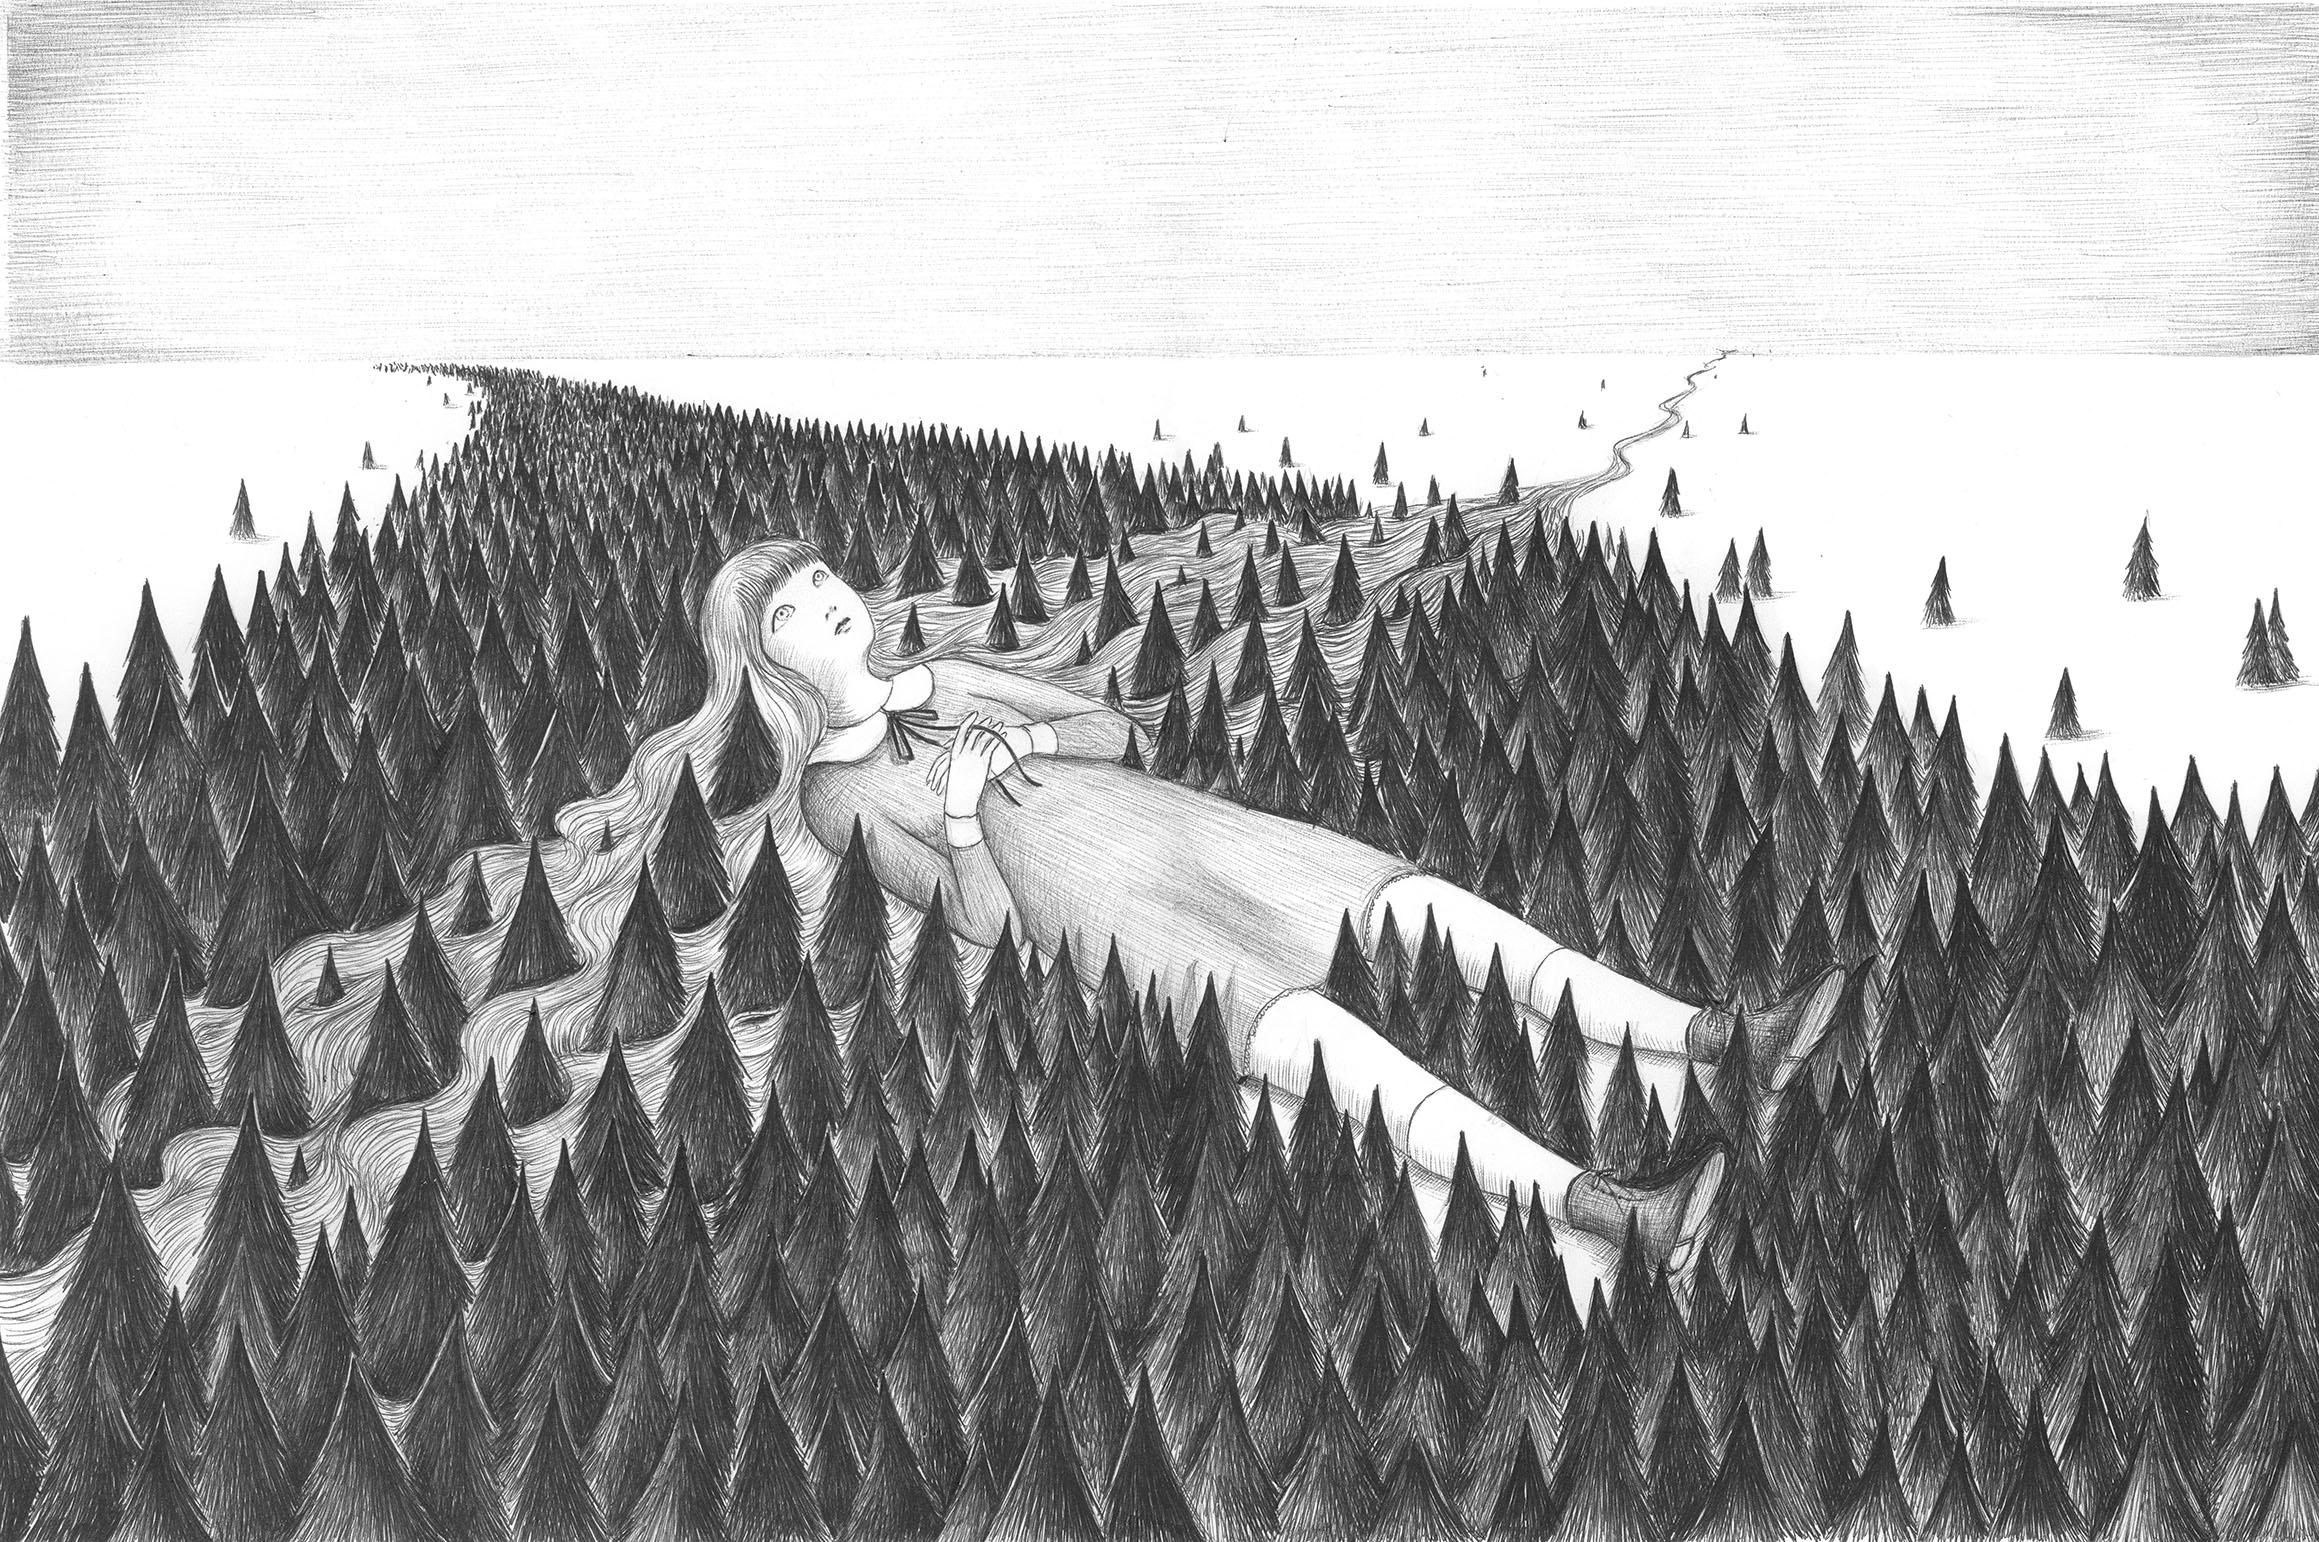 Virginia Mori, Bambina gigante, penna bic su carta